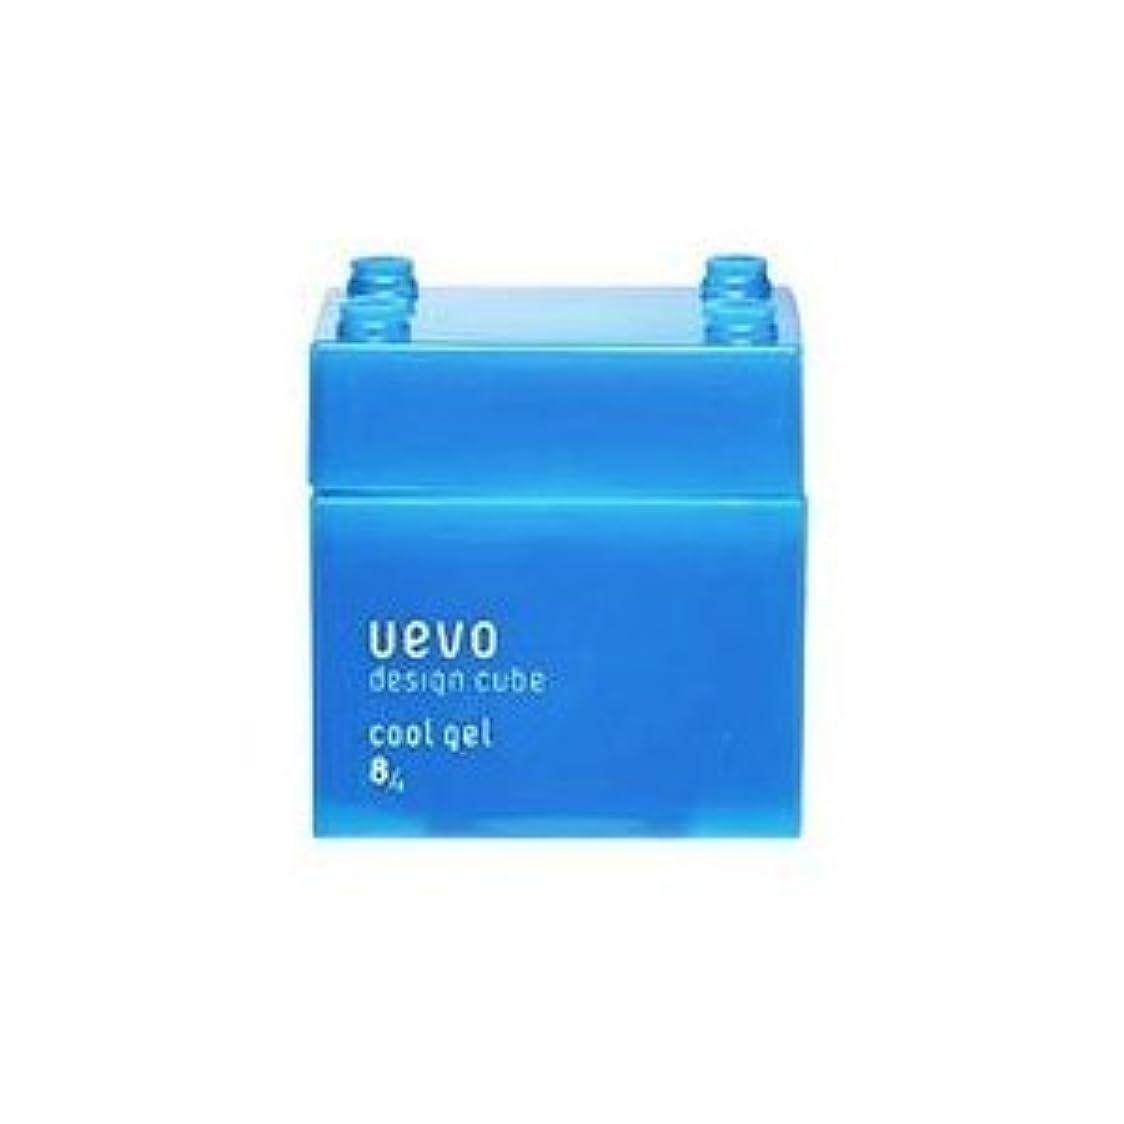 蒸発するガスうぬぼれ【X3個セット】 デミ ウェーボ デザインキューブ クールジェル 80g cool gel DEMI uevo design cube